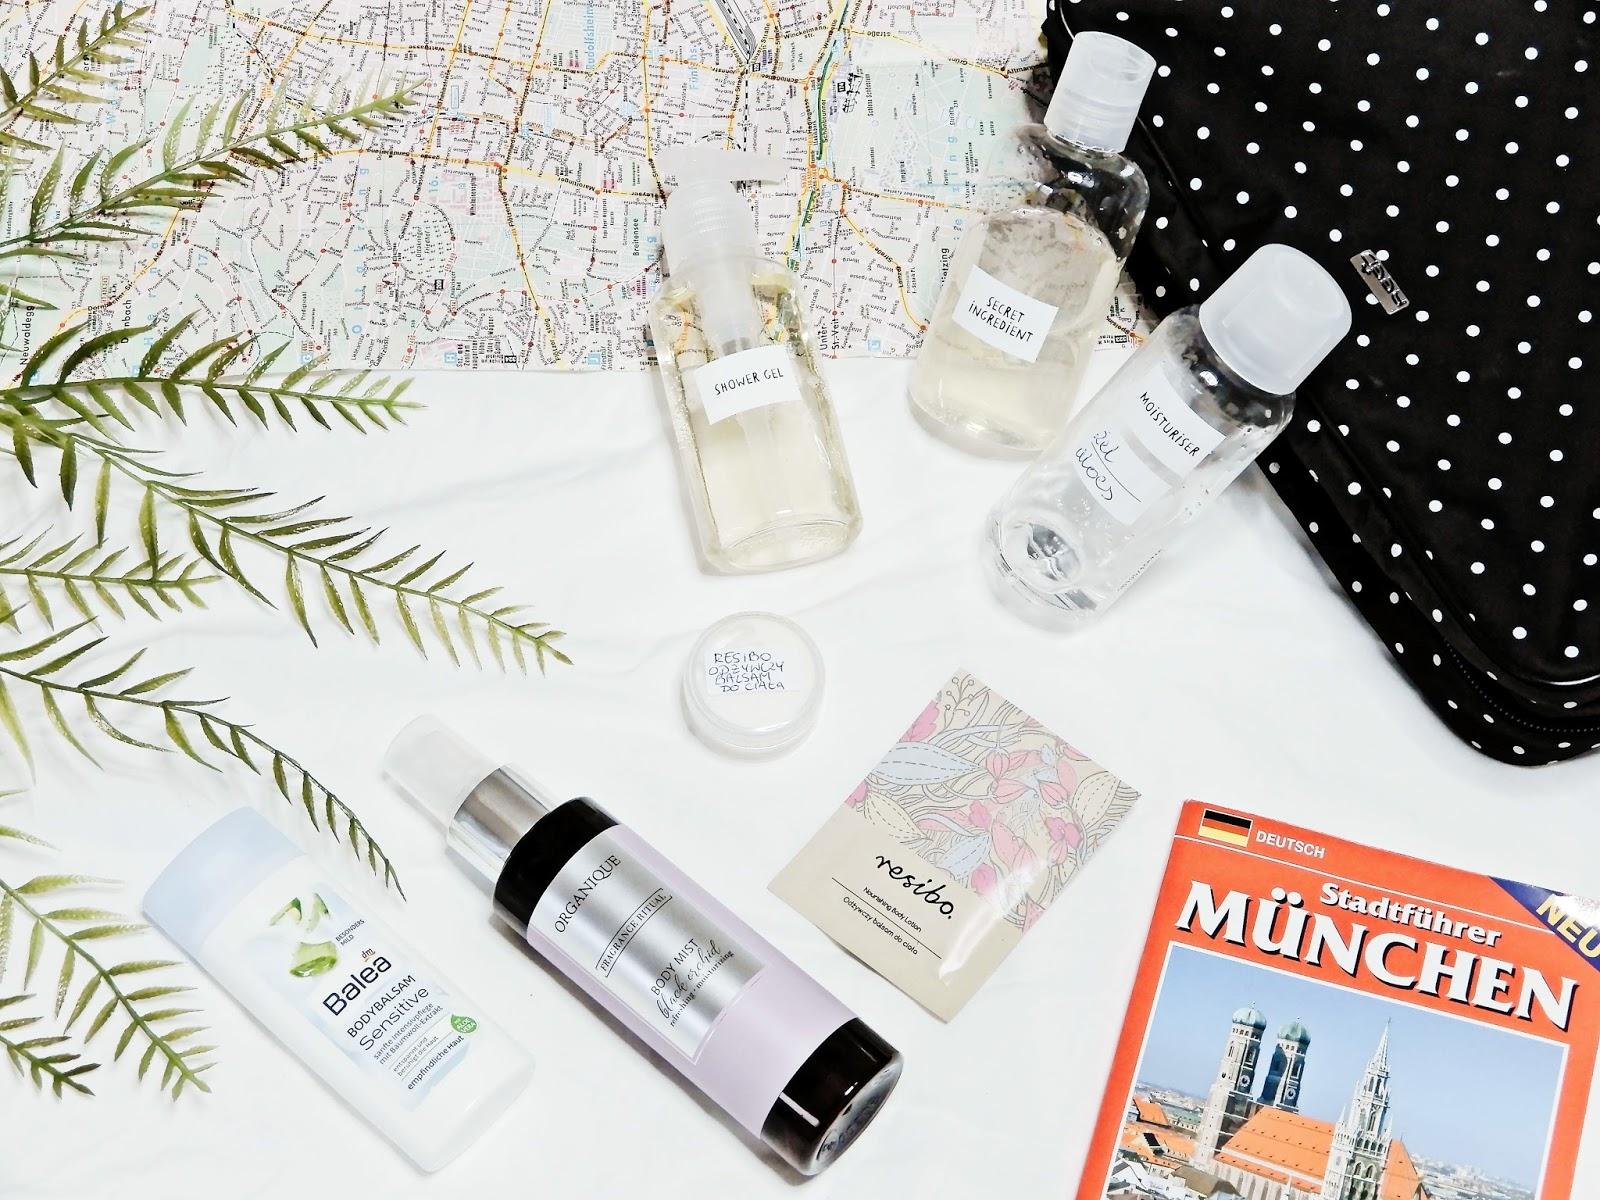 Pakowanie kosmetyczki na wyjazd, Wyjazdowa kosmetyczka,  Pakowanie kosmetyków na podróż, travel sets,